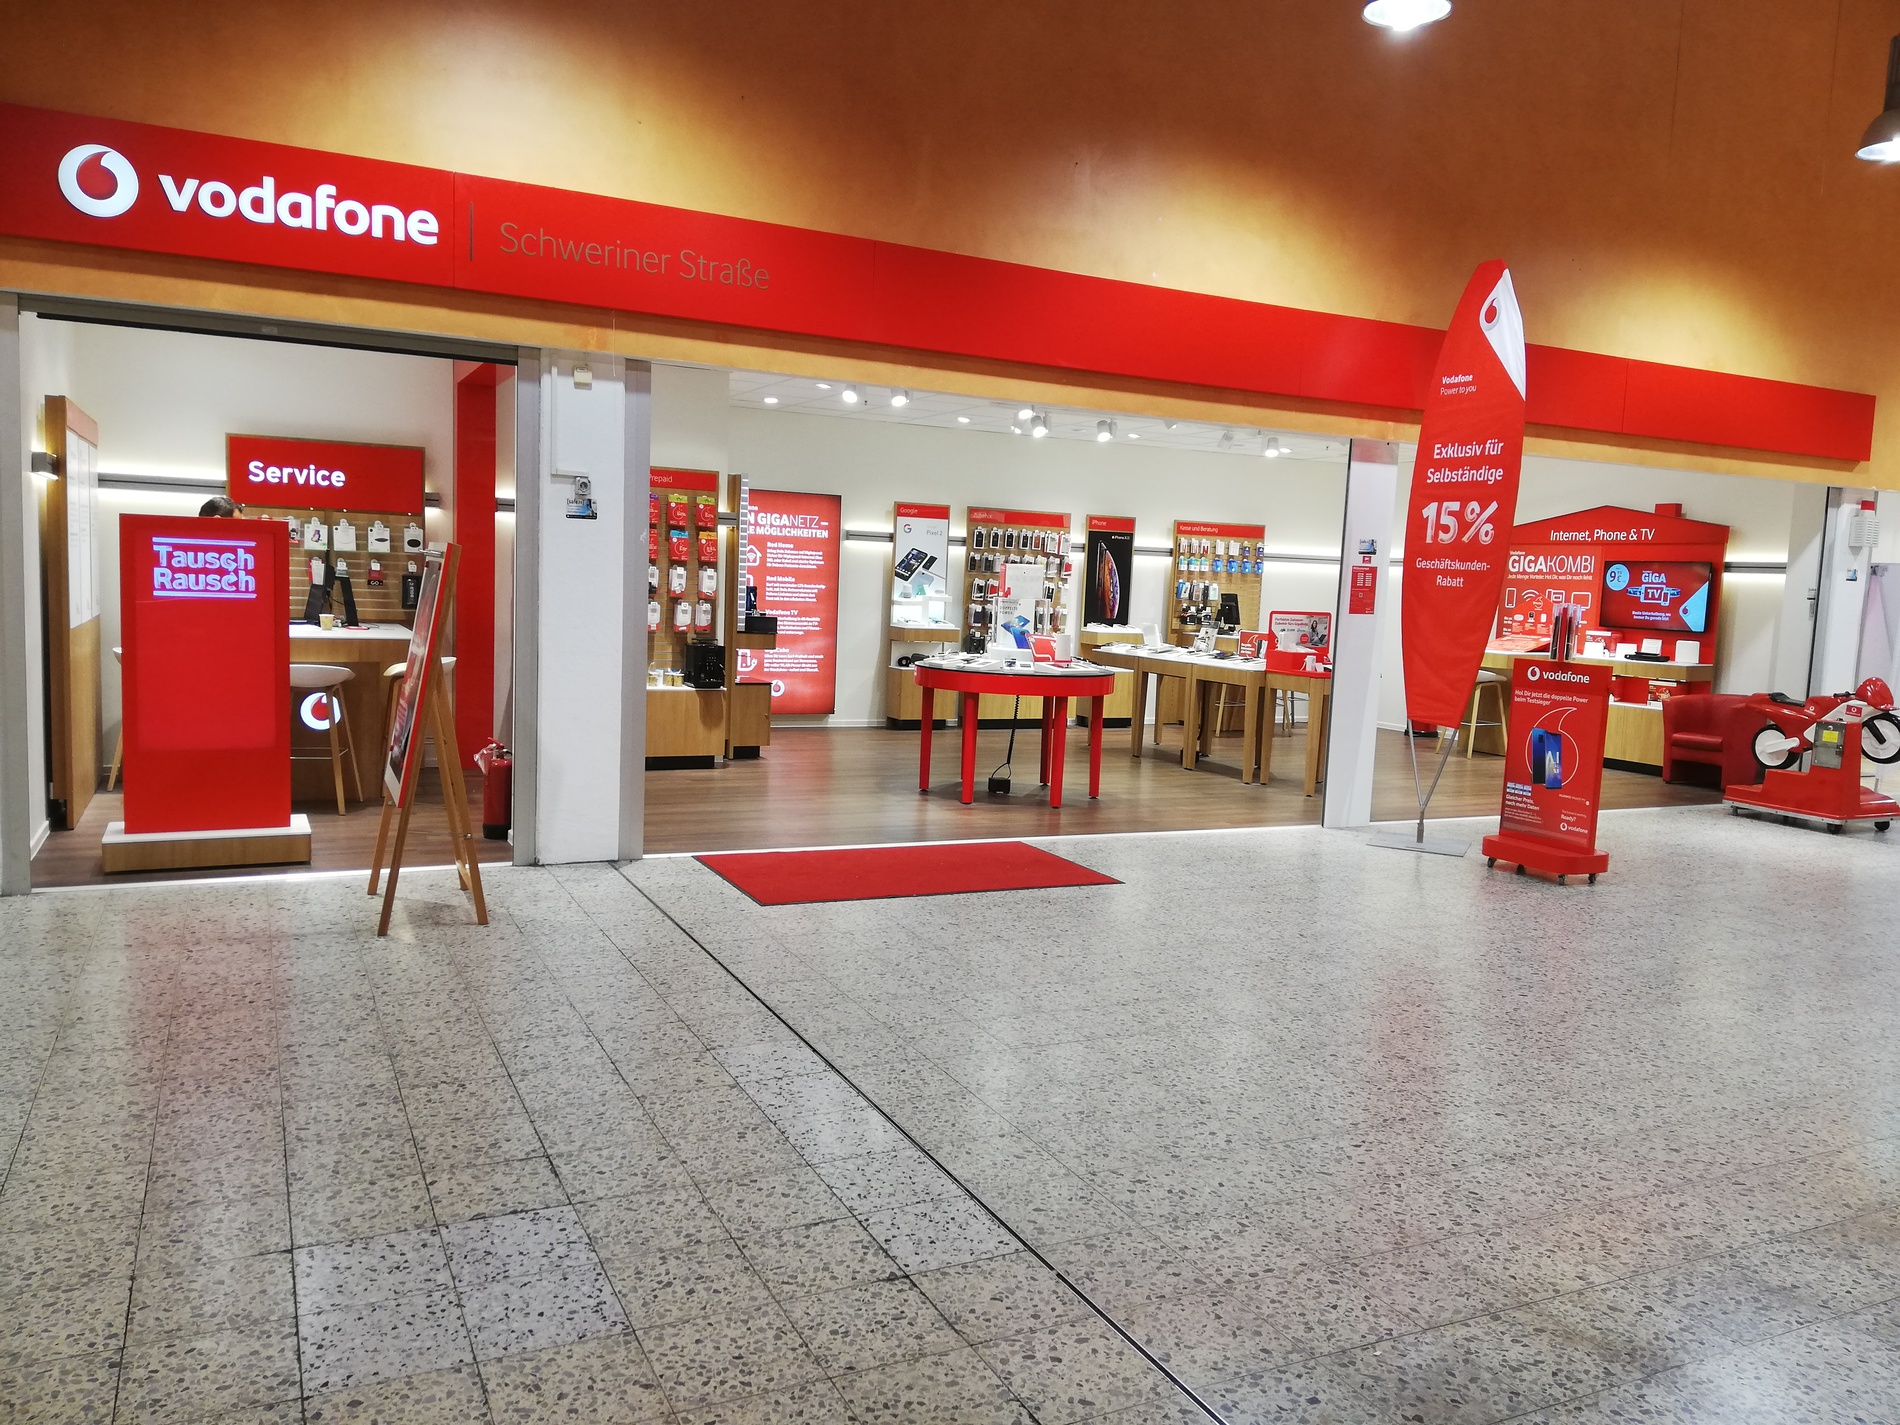 Vodafone Störung Schwerin